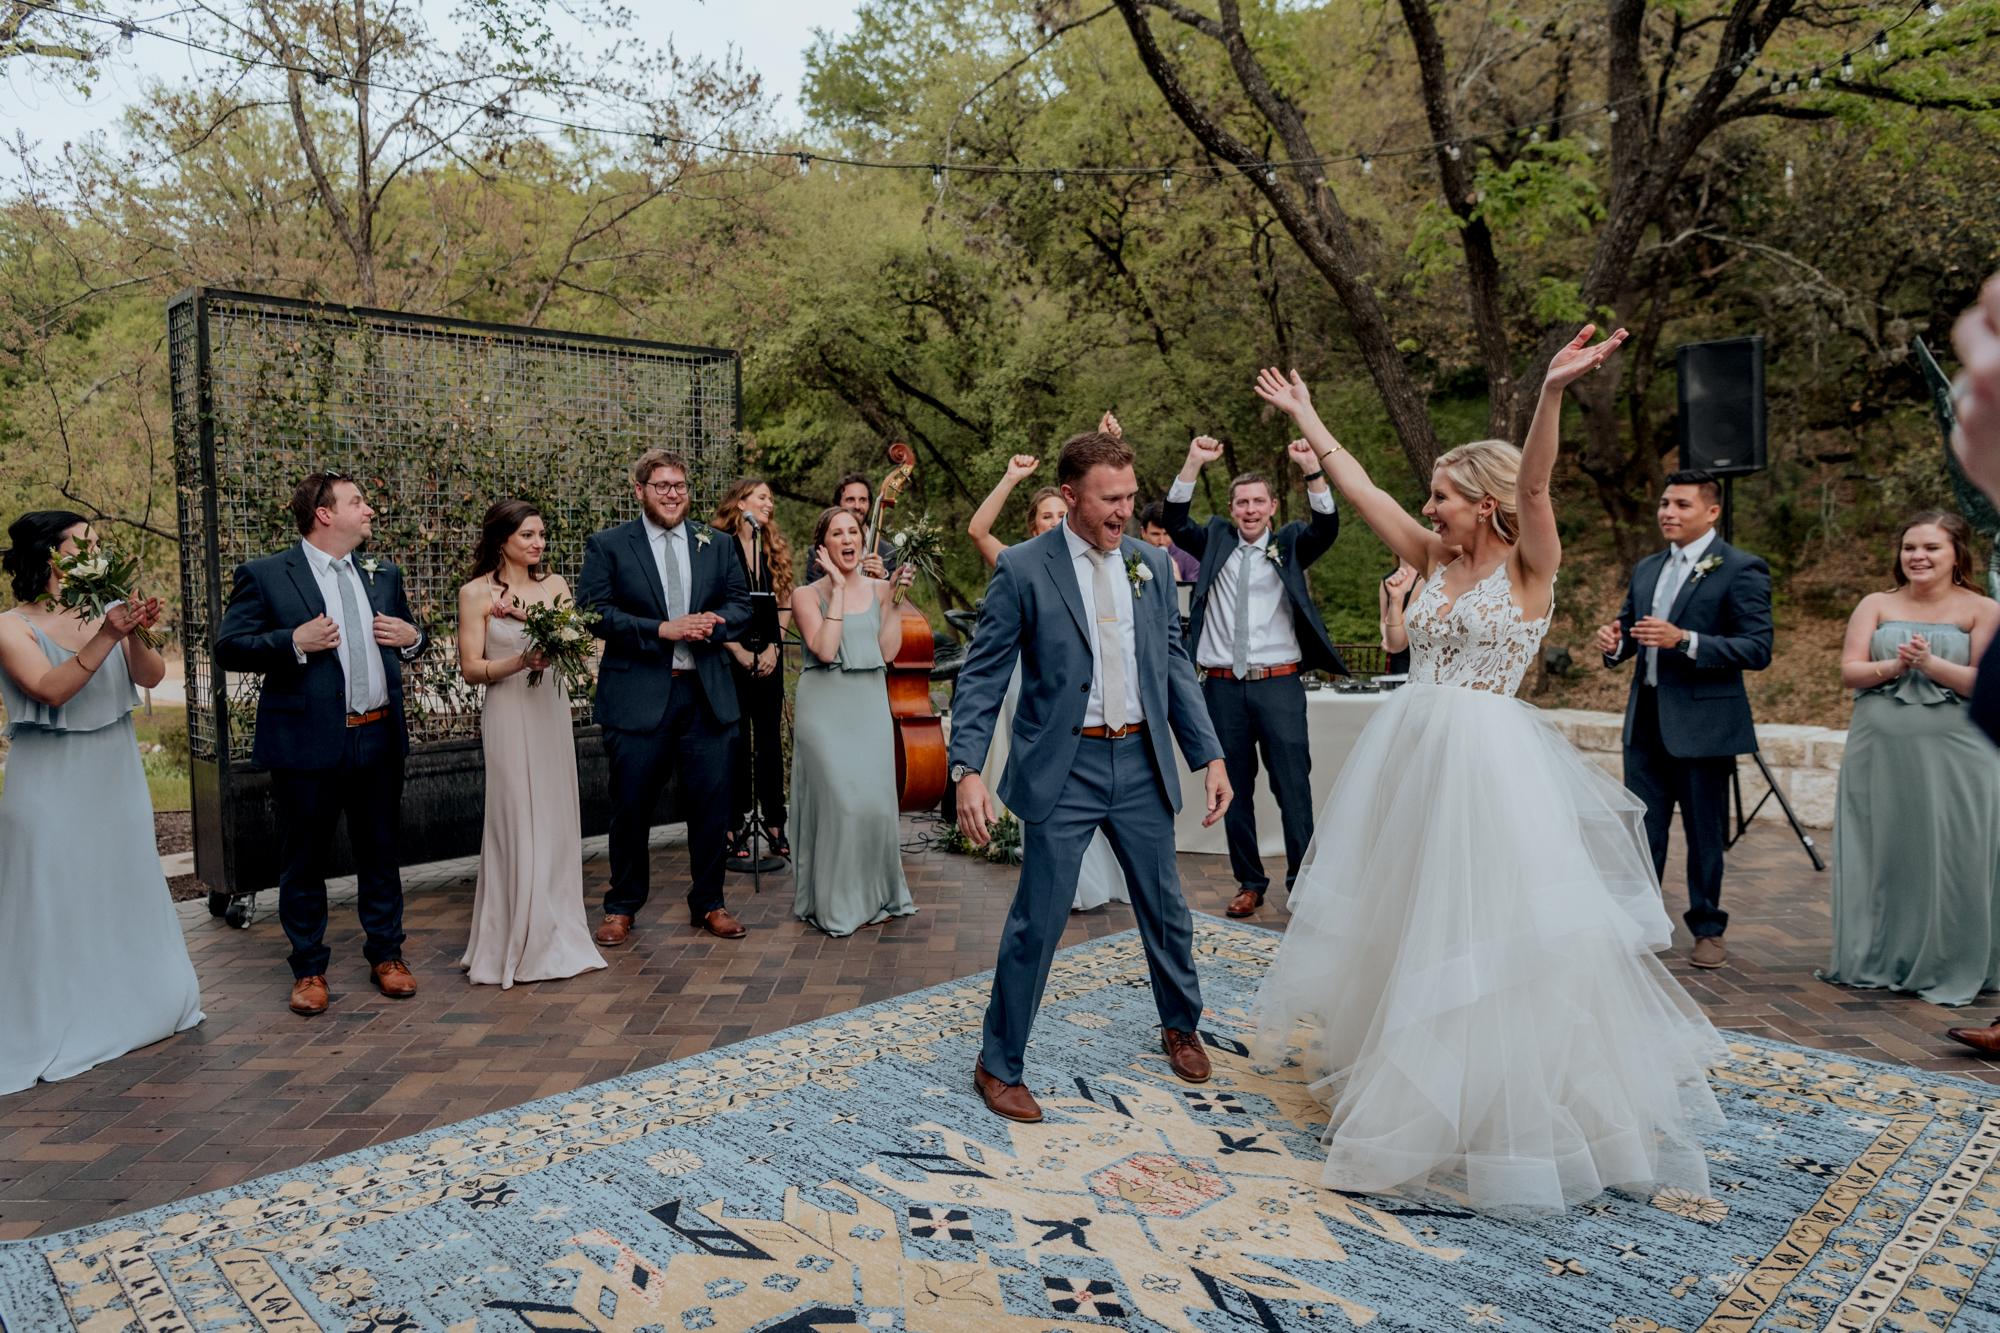 Matt-Kim-Wedding-Preview-75.jpg